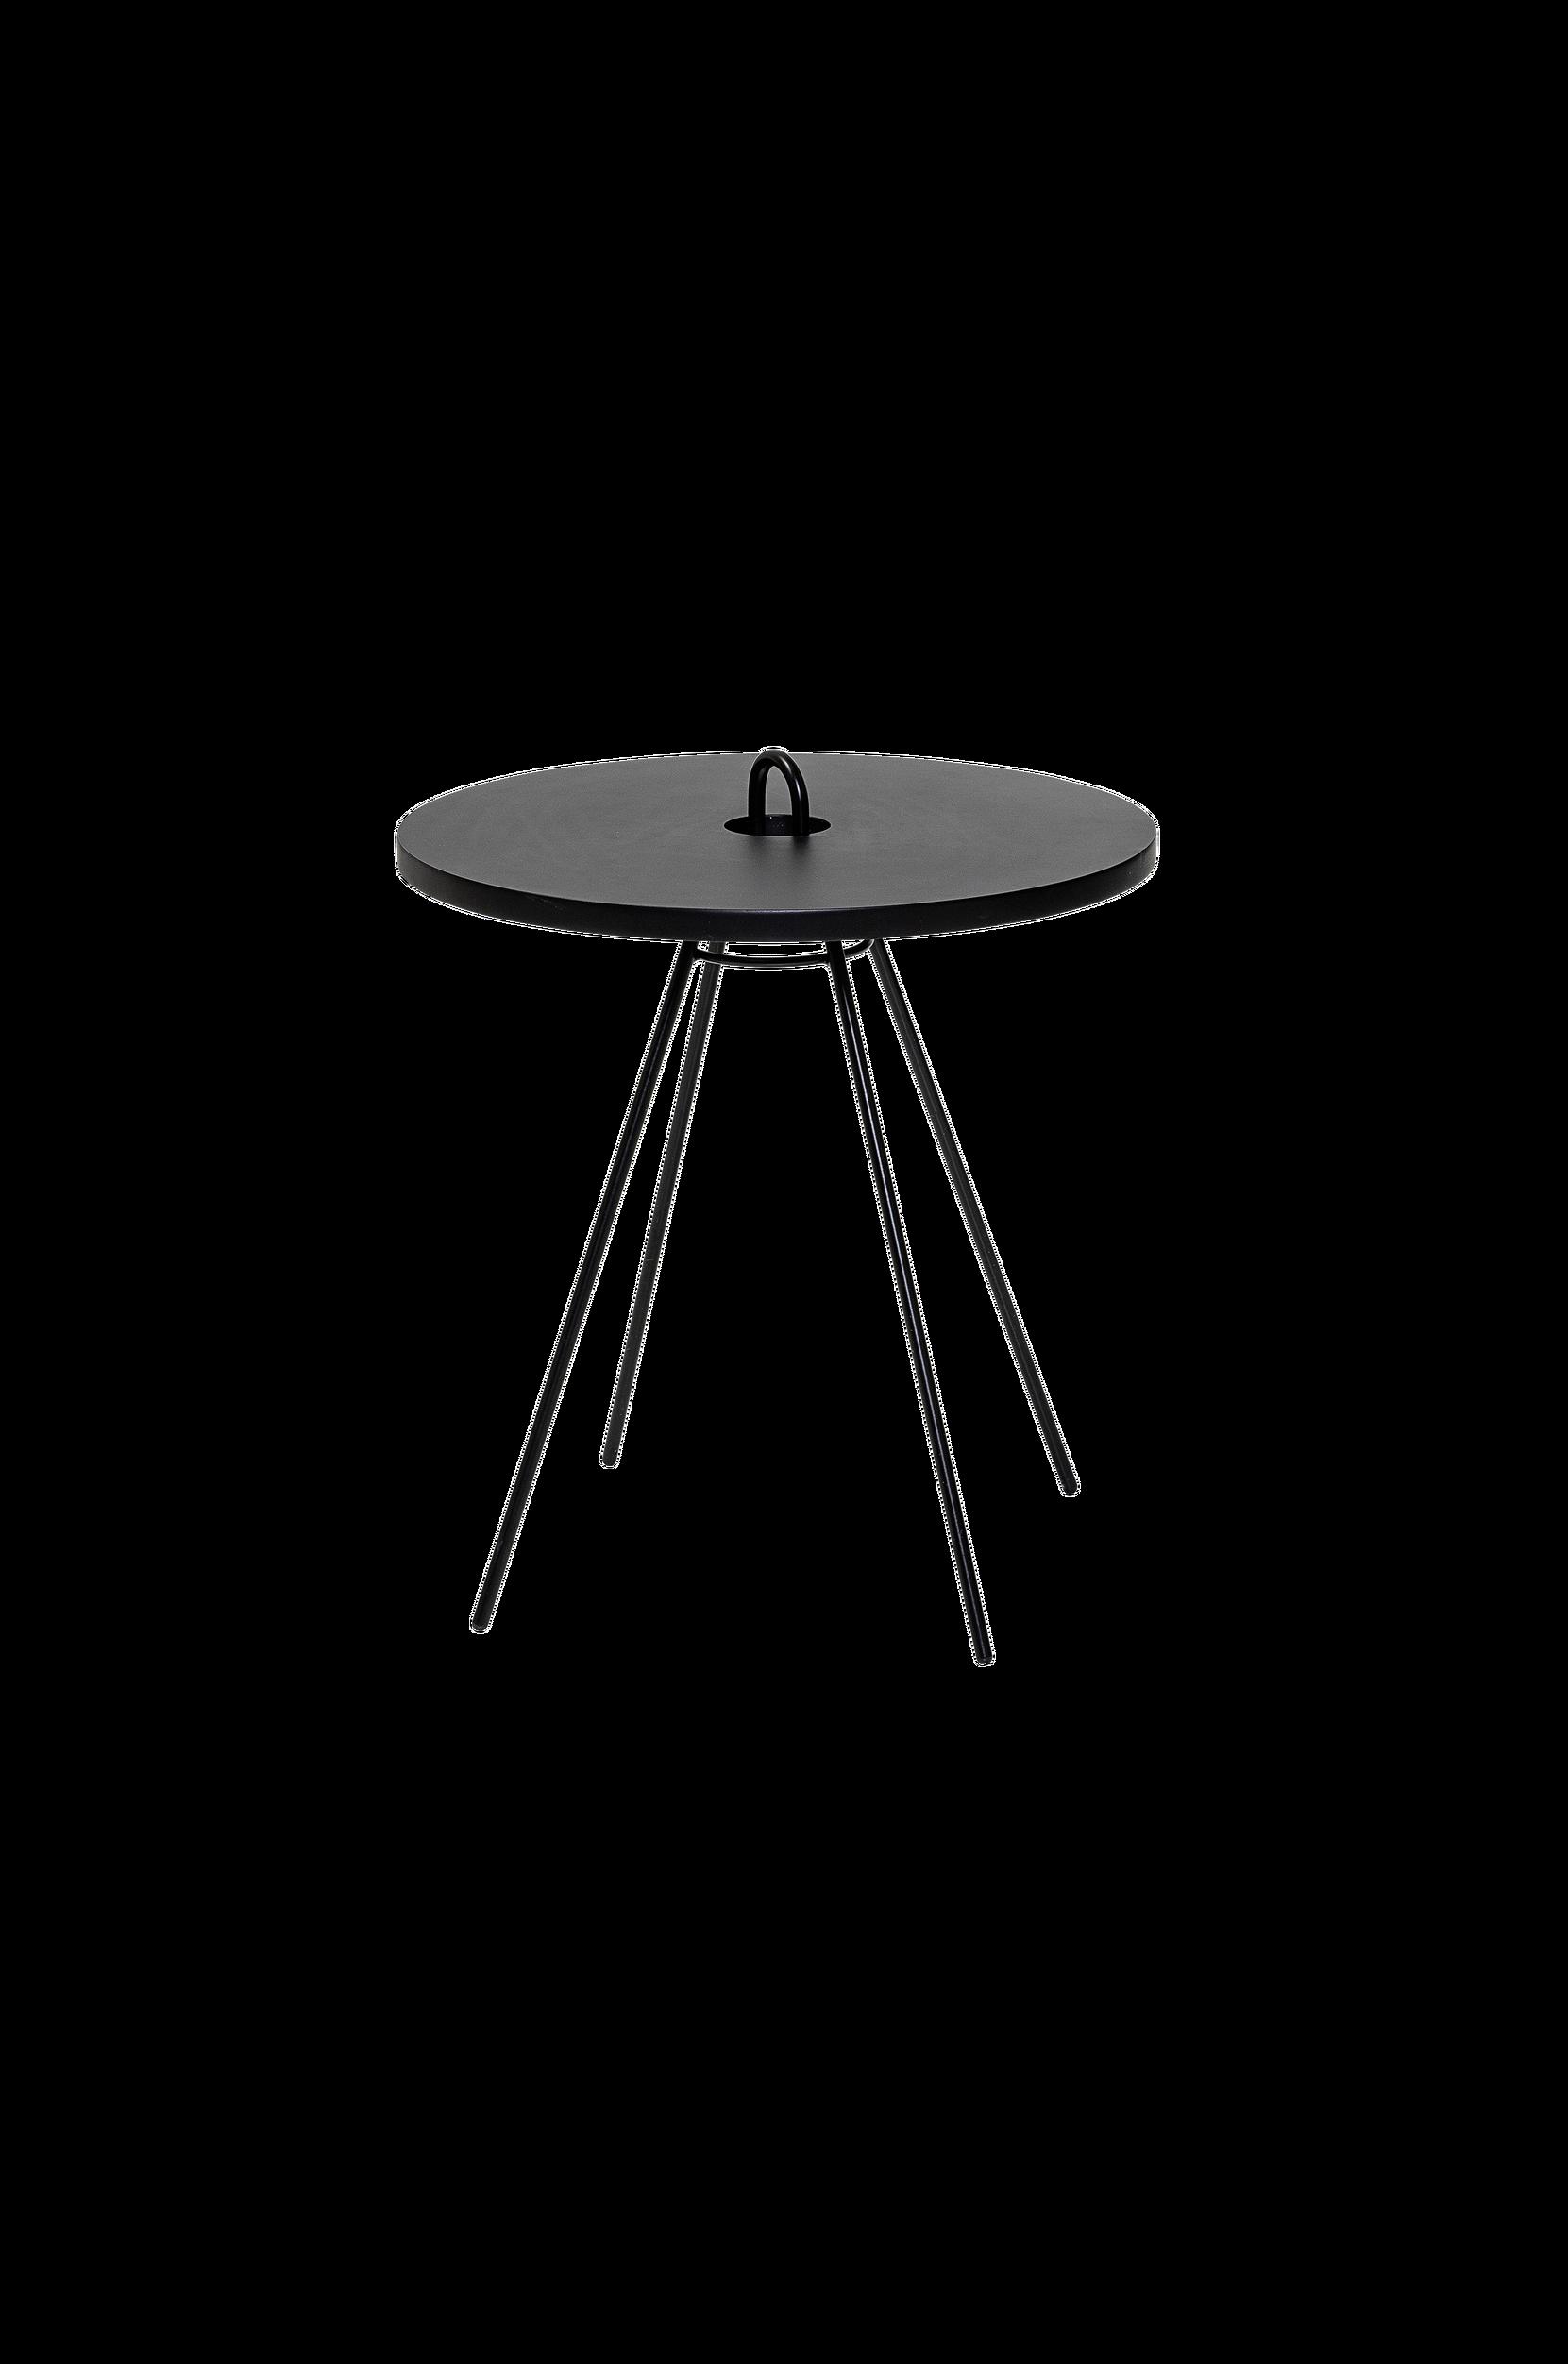 Chloe-pöytä, halkaisija 45 cm